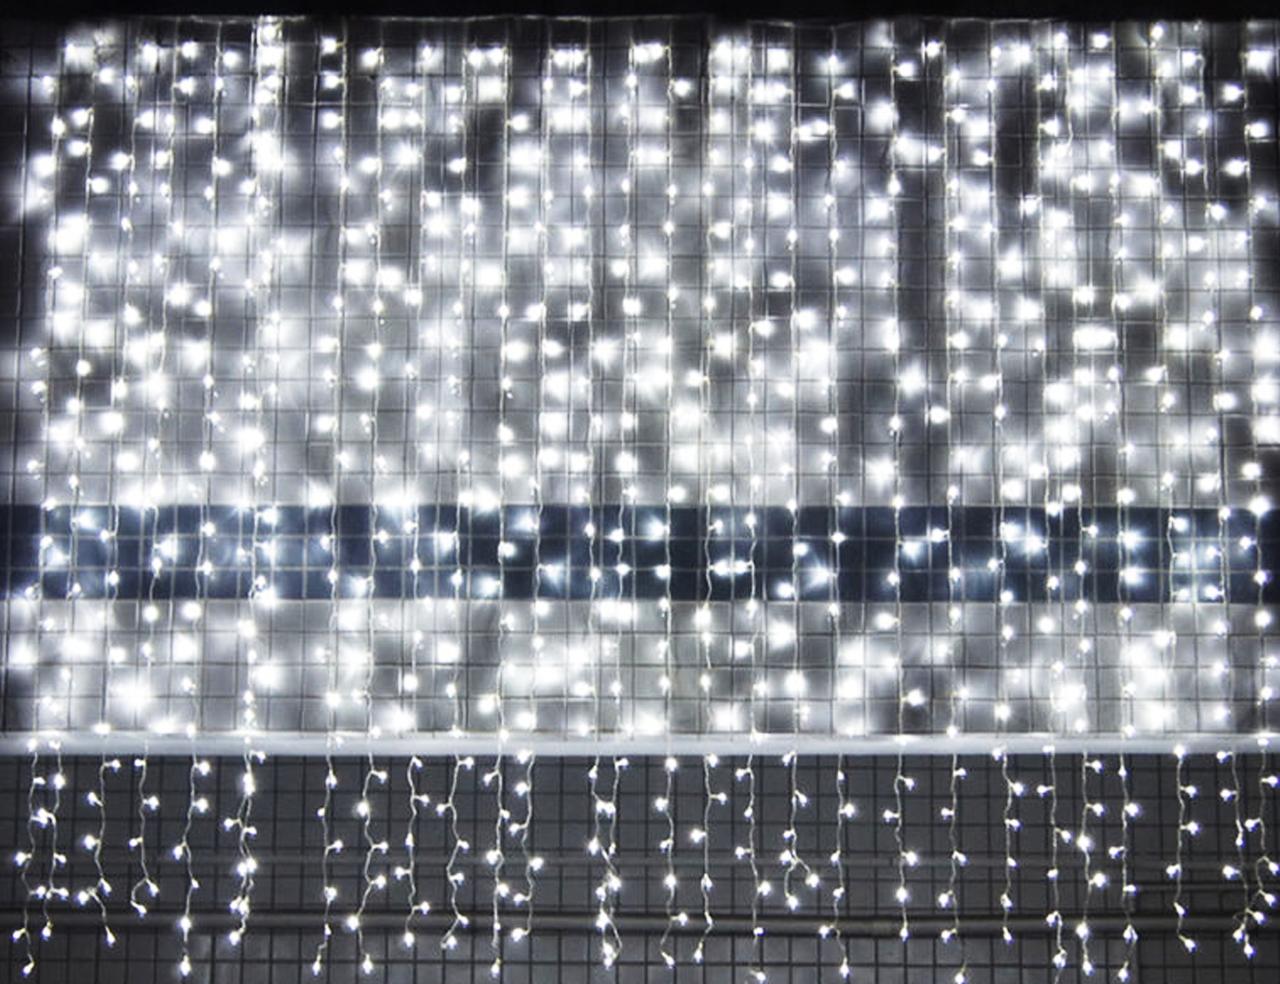 Светодиодная гирлянда Водопад Занавес curtain light 720 светодиодных лампочек 3м х 2м штора занавес